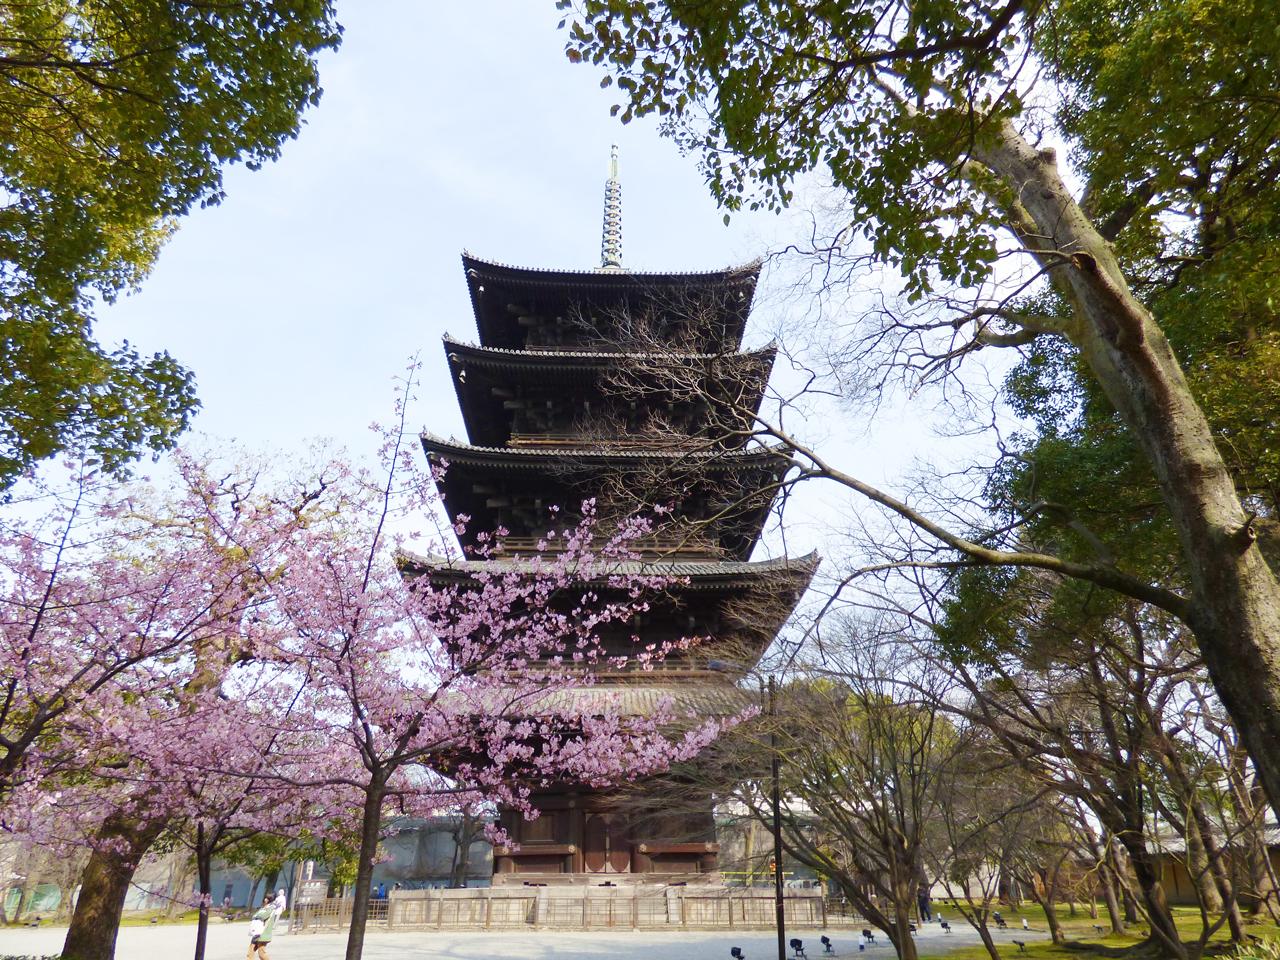 東寺の五重の塔と梅